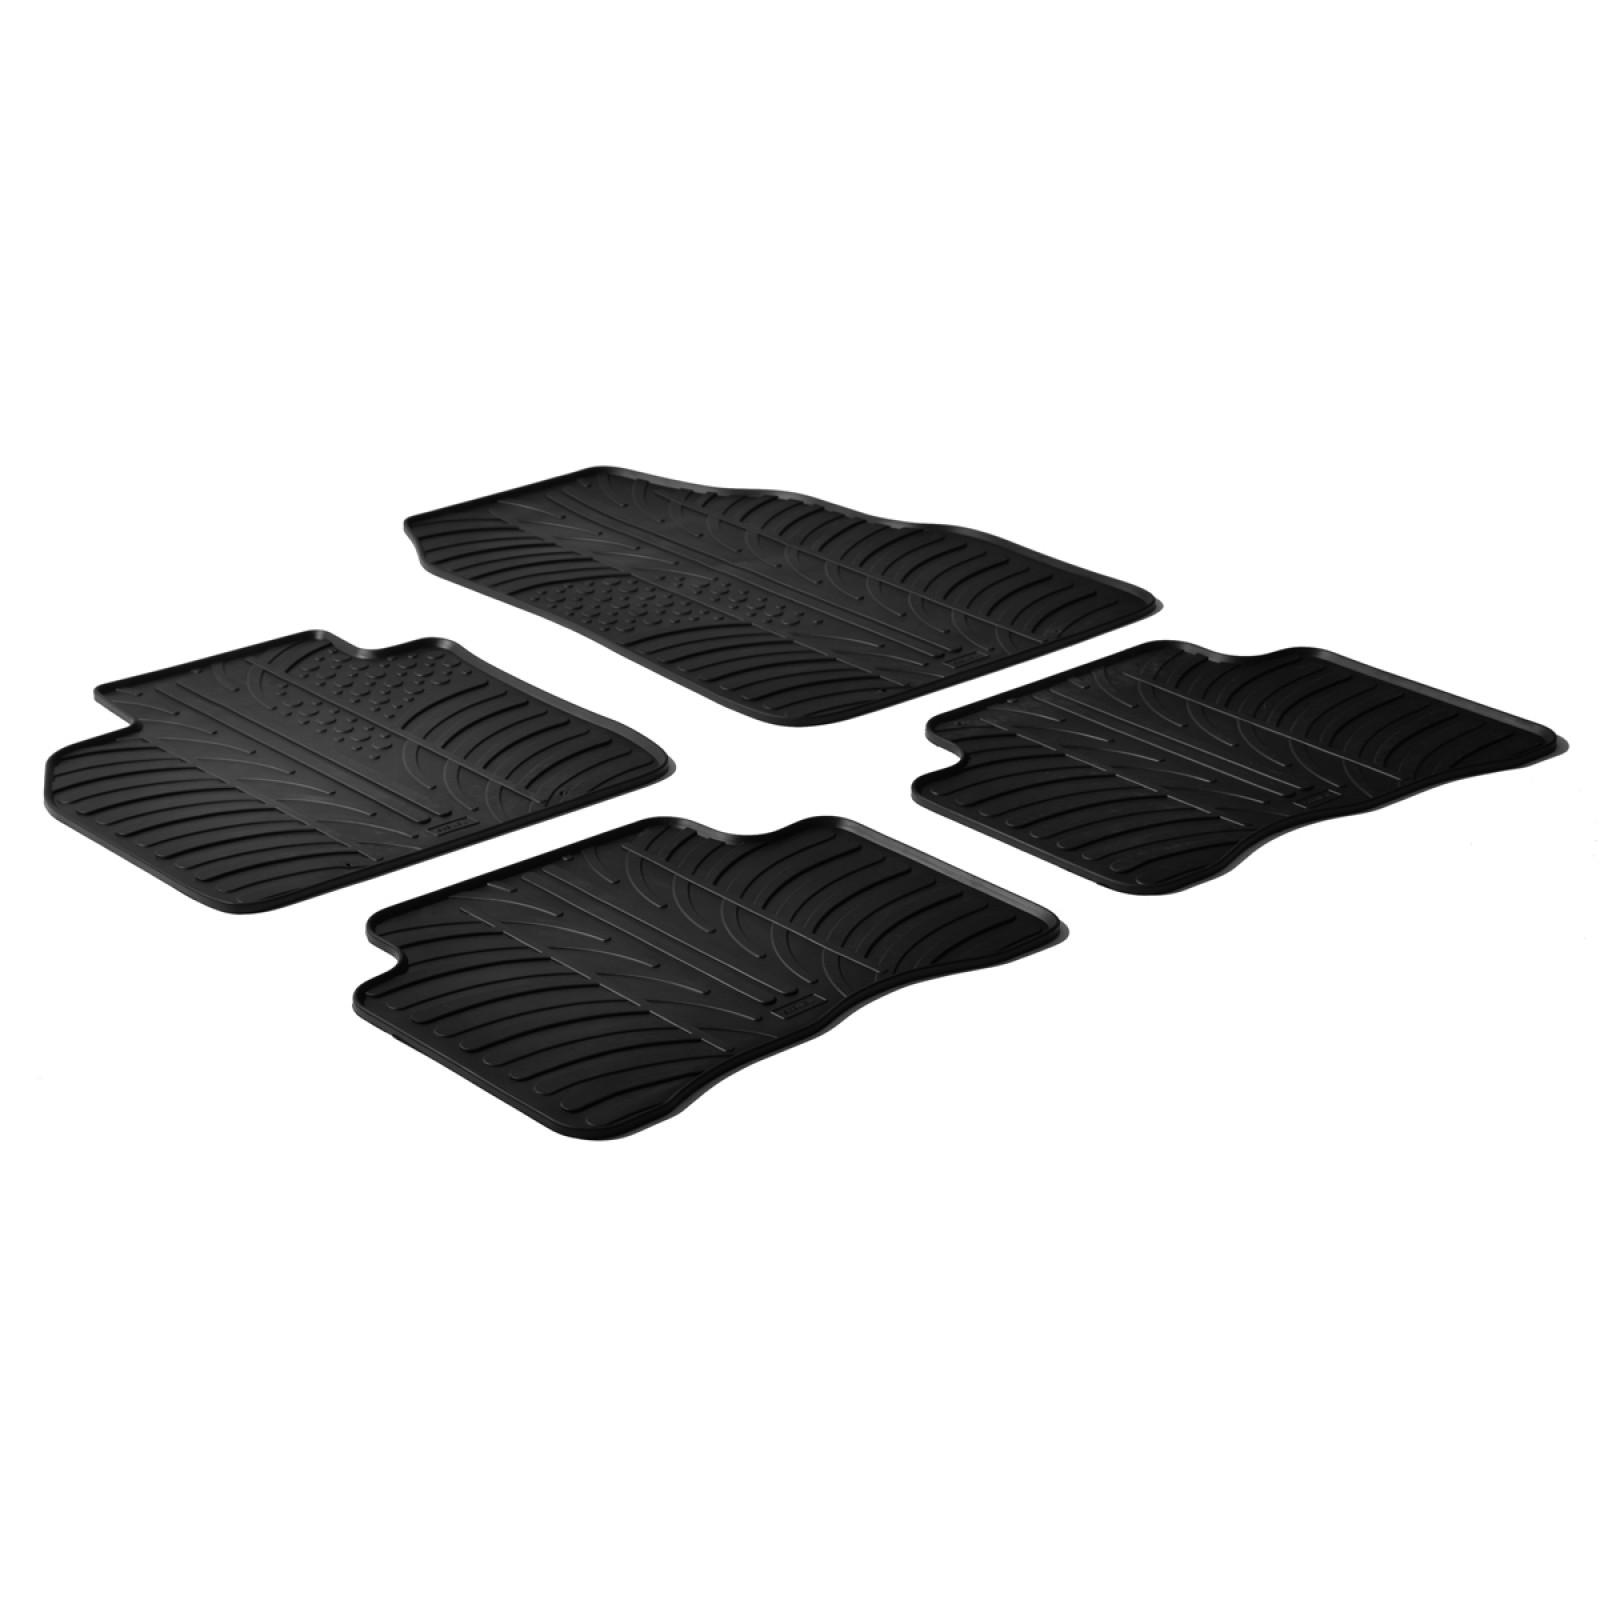 tapis en caoutchouc pour renault megane scenic ii. Black Bedroom Furniture Sets. Home Design Ideas